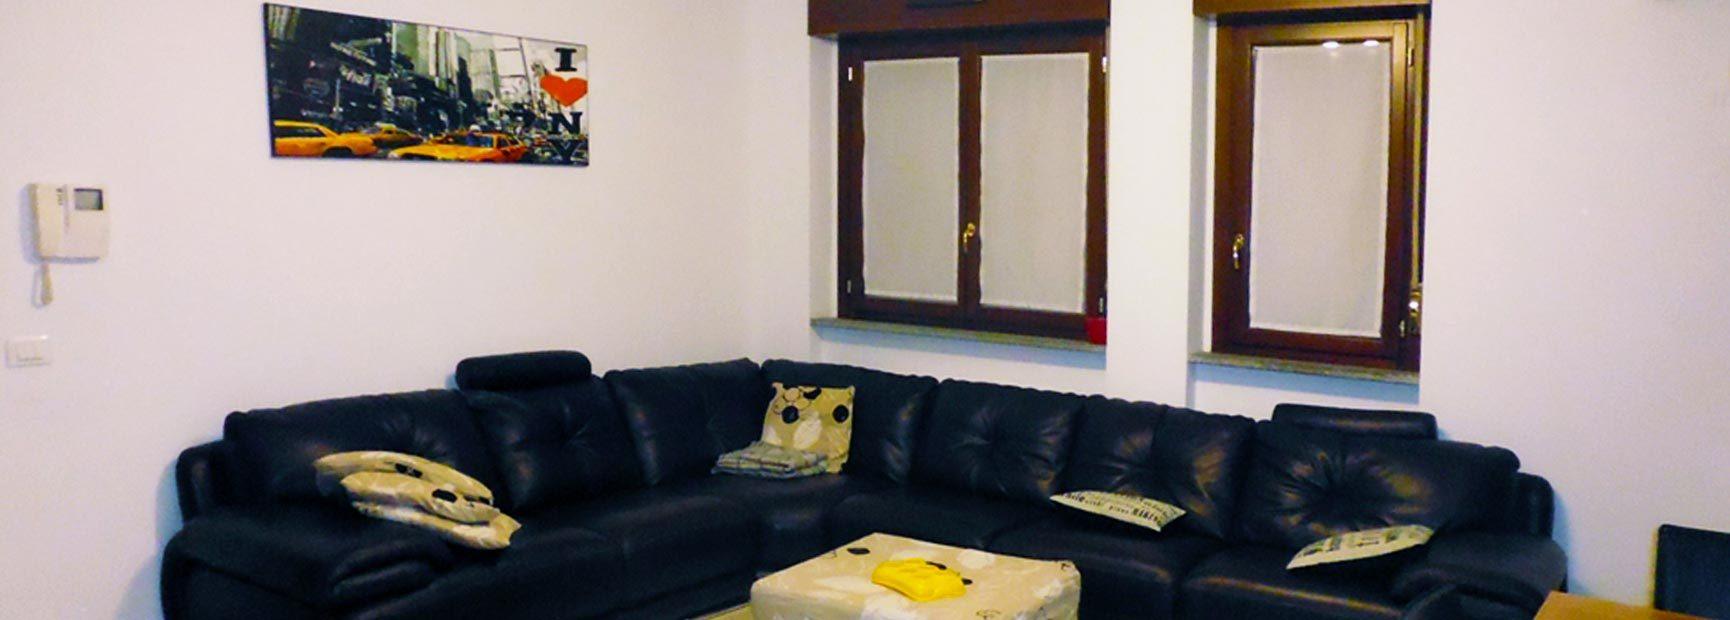 evidenza-soggiorno